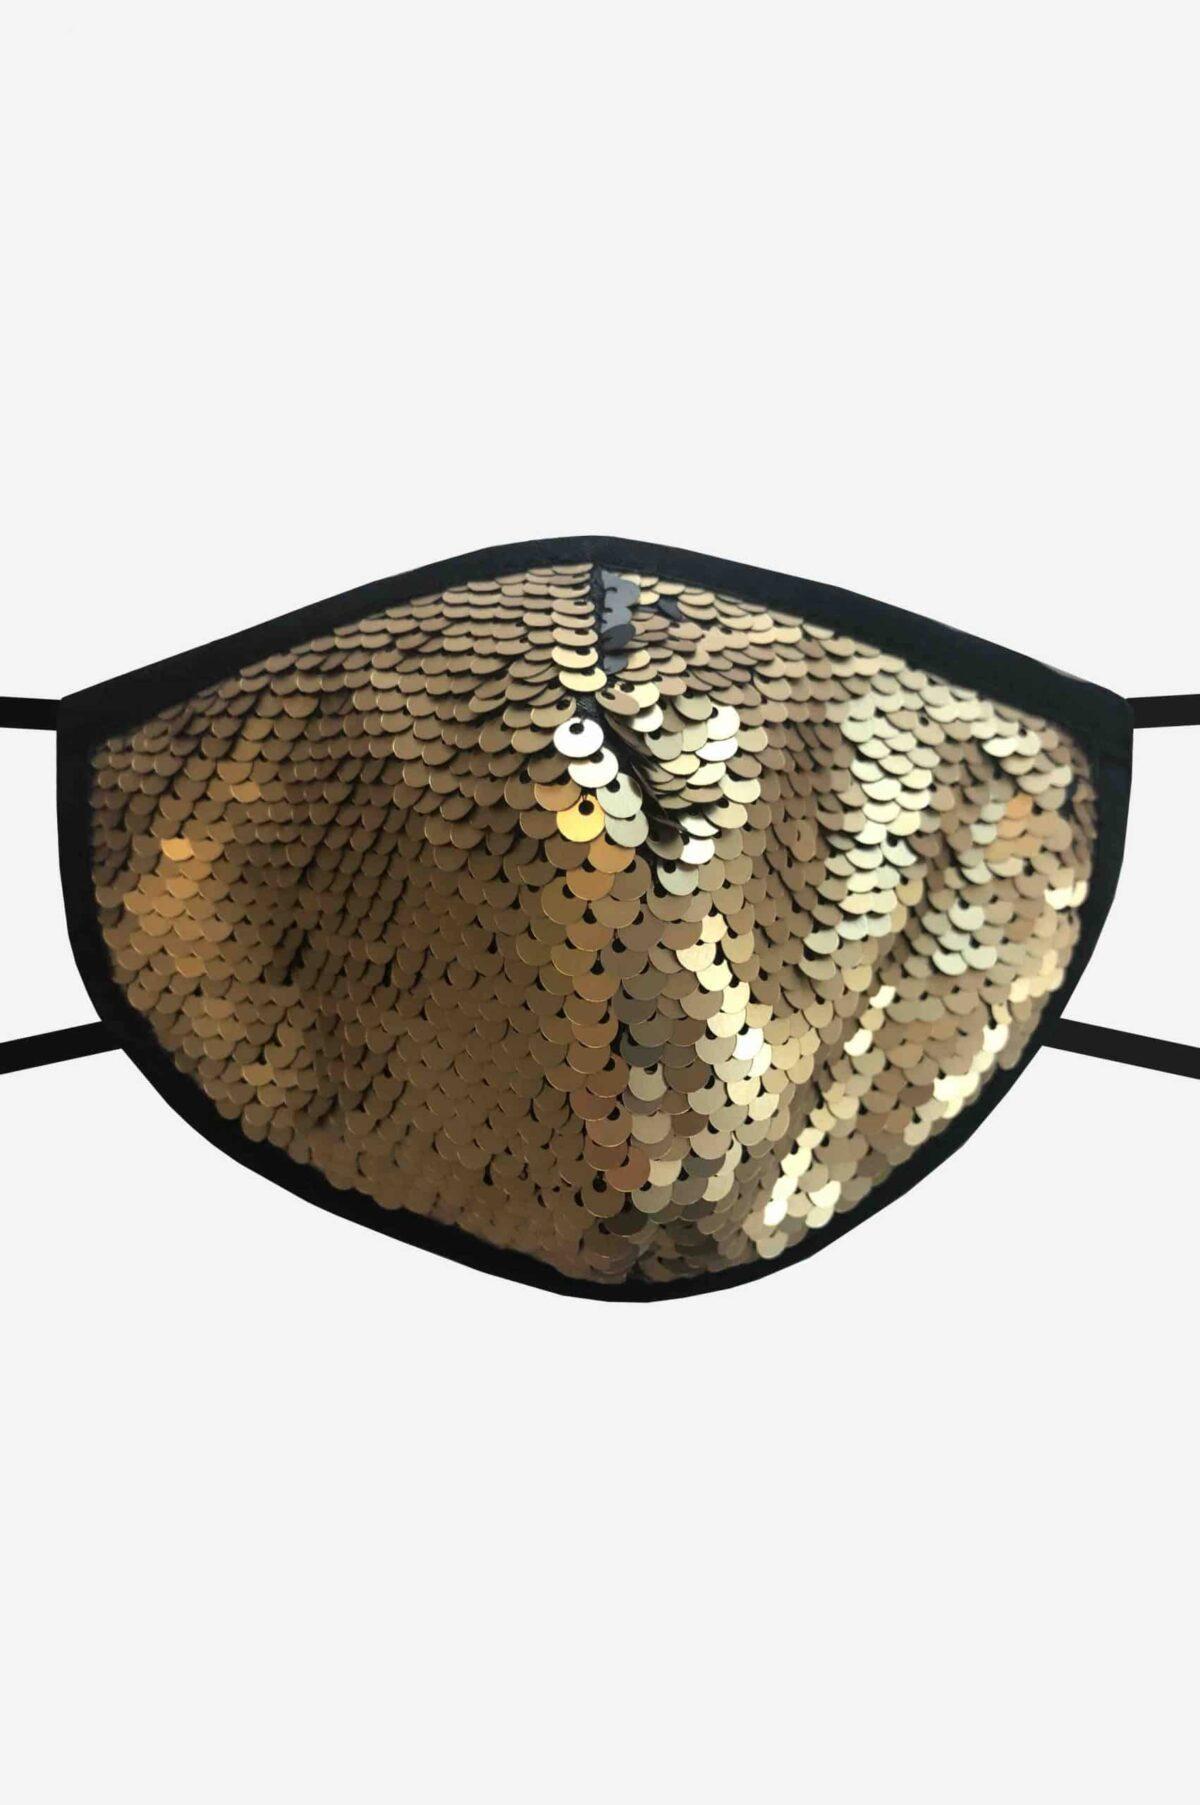 Stylische Mund-Nase-Maske Gesichtsmaske von SANOGE mit goldenen Glitzer Pailletten. Edel, elegant. Hergestellt in Deutschland.